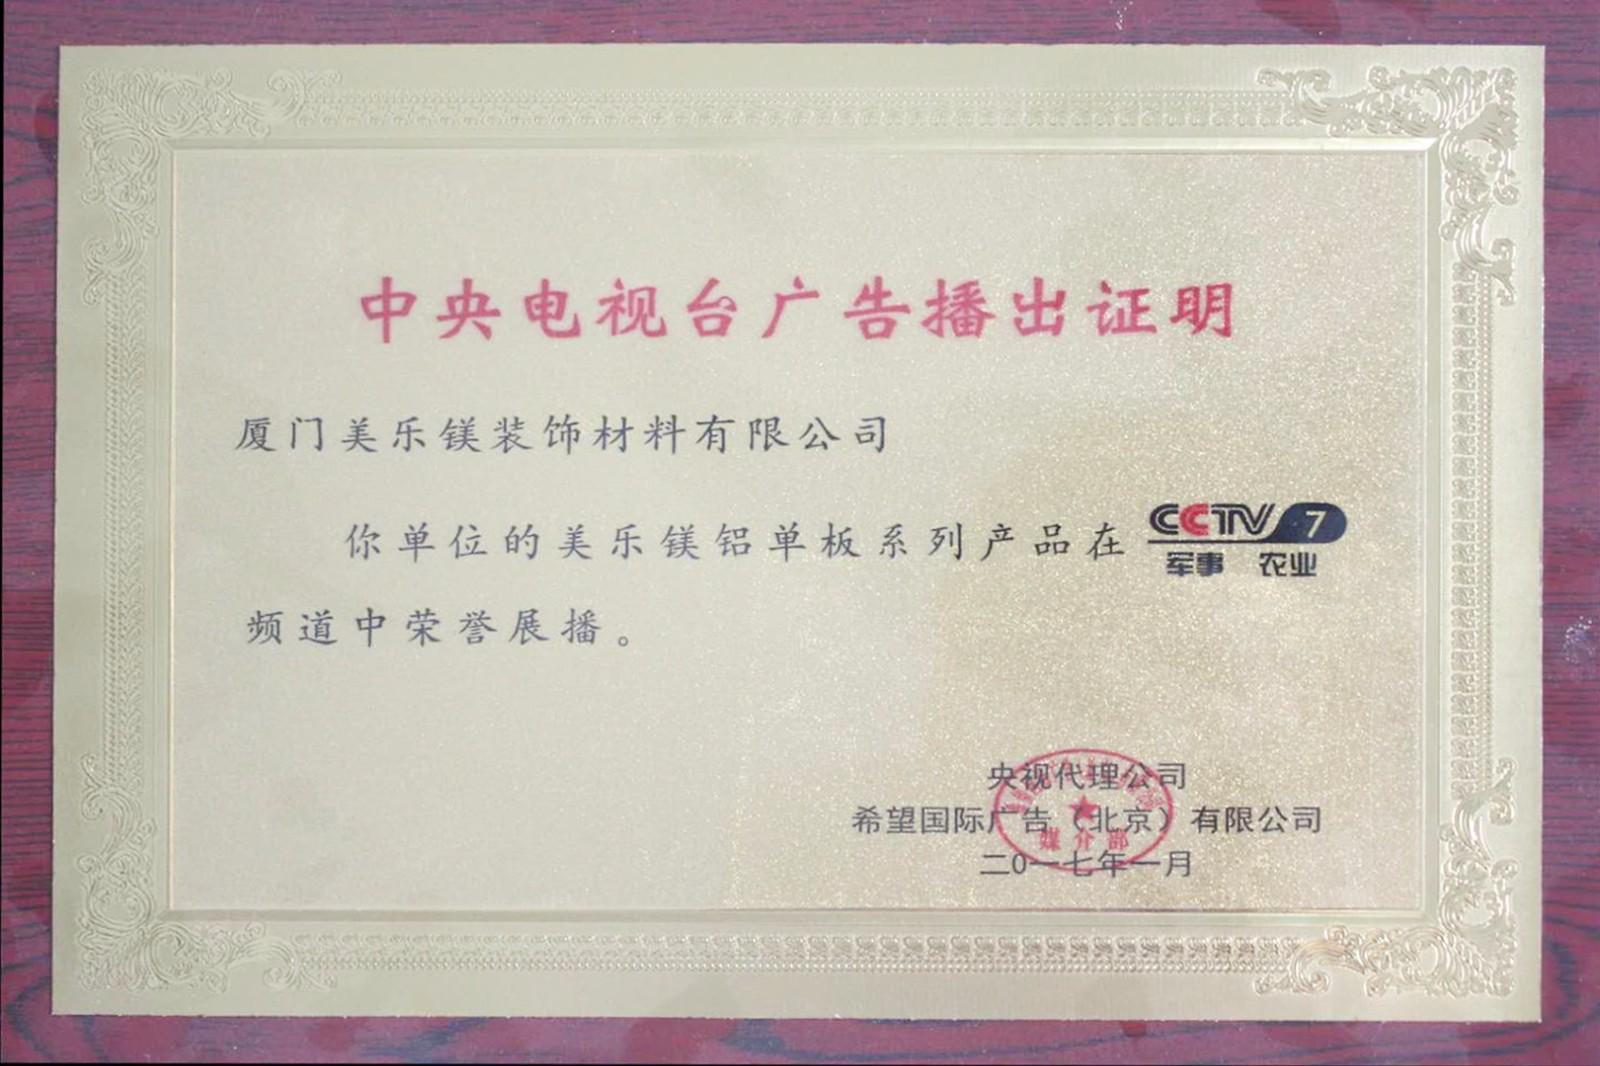 美樂鎂企業榮譽